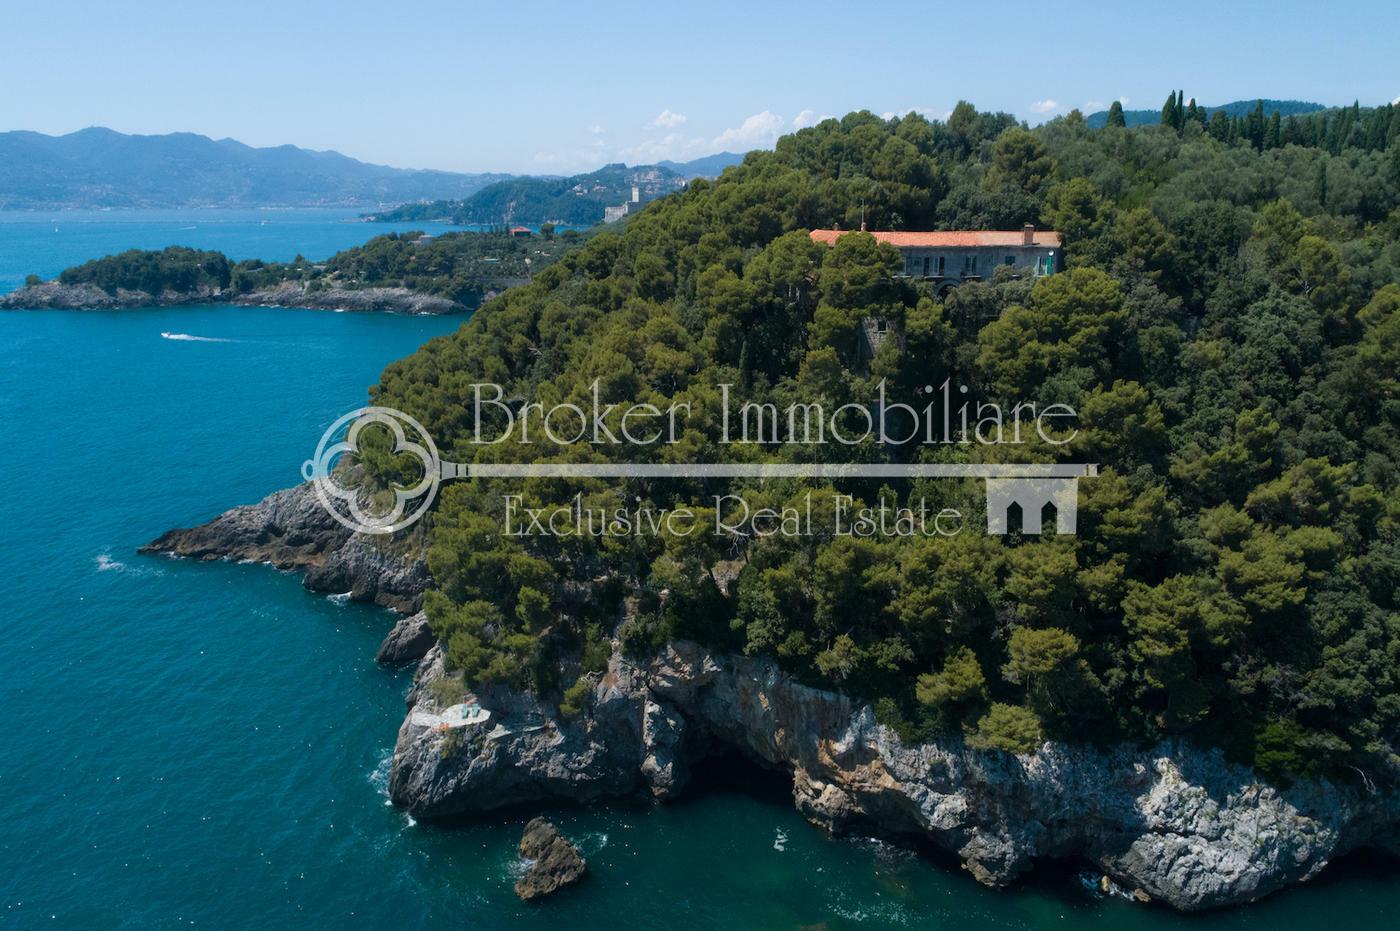 Proprietà esclusiva in vendita a Lerici in posizione unica con discese a mare